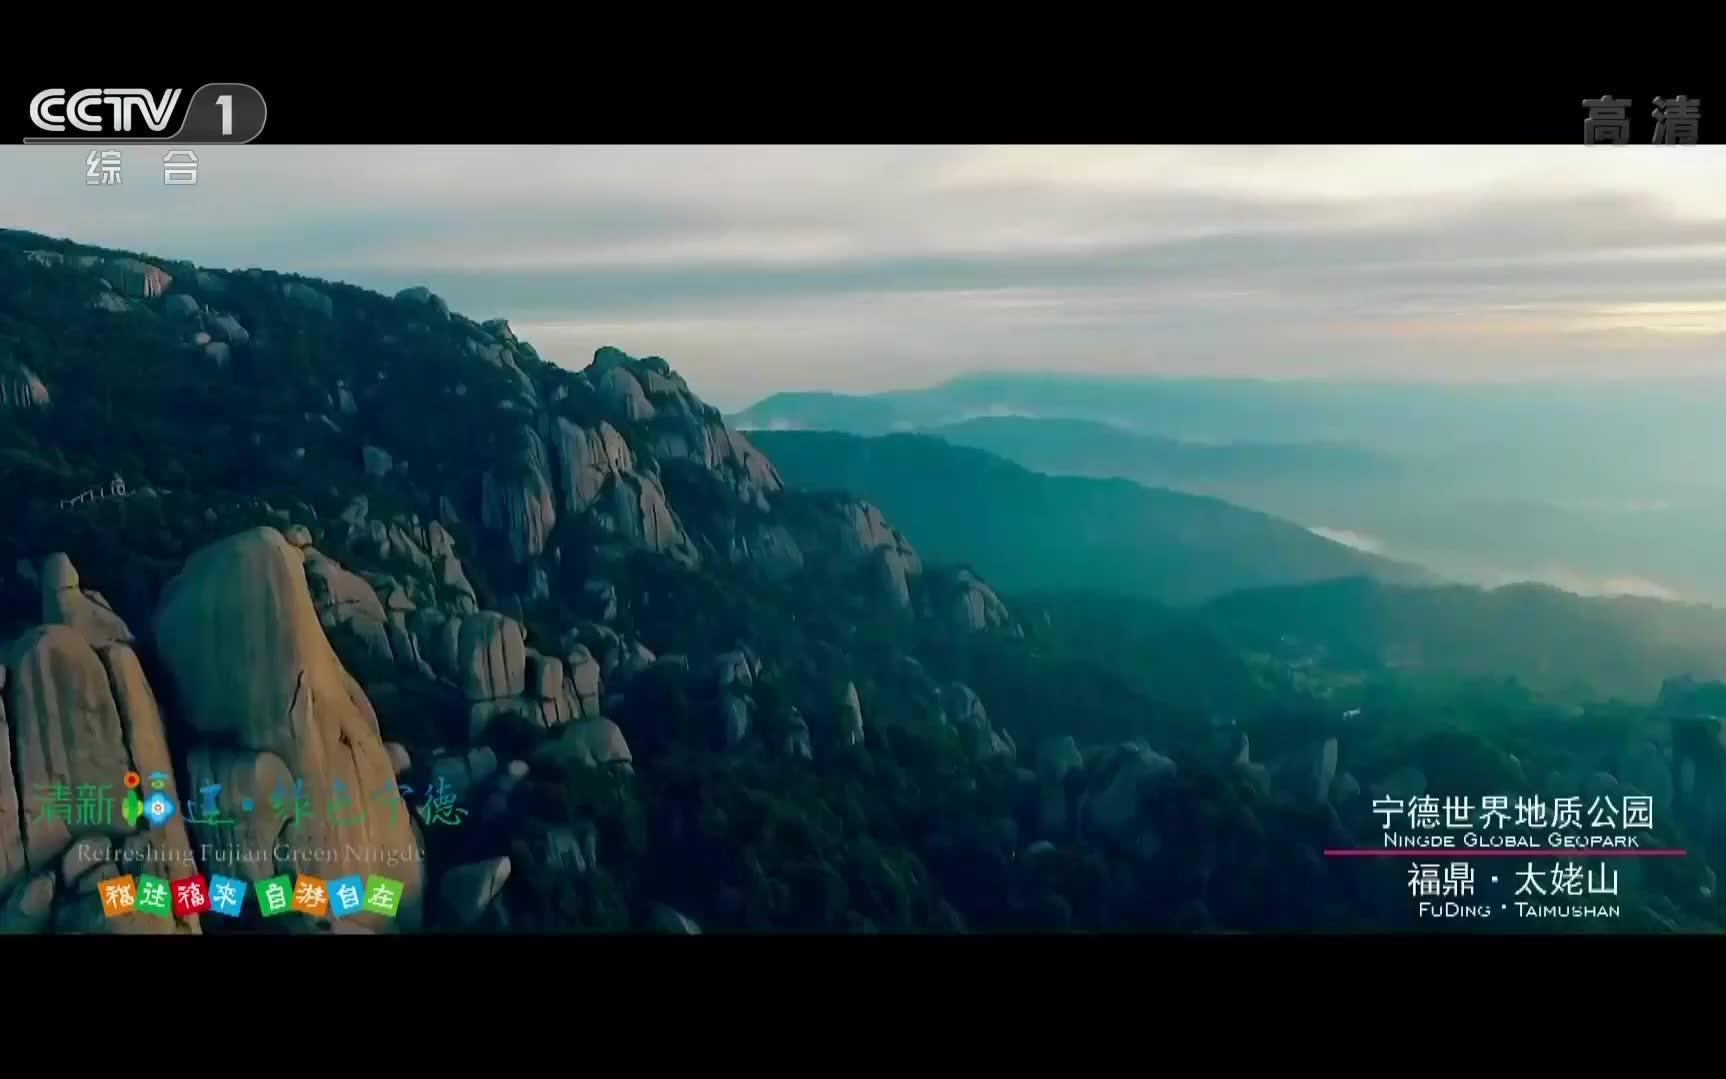 央视广告欣赏-清新福建 绿色宁德